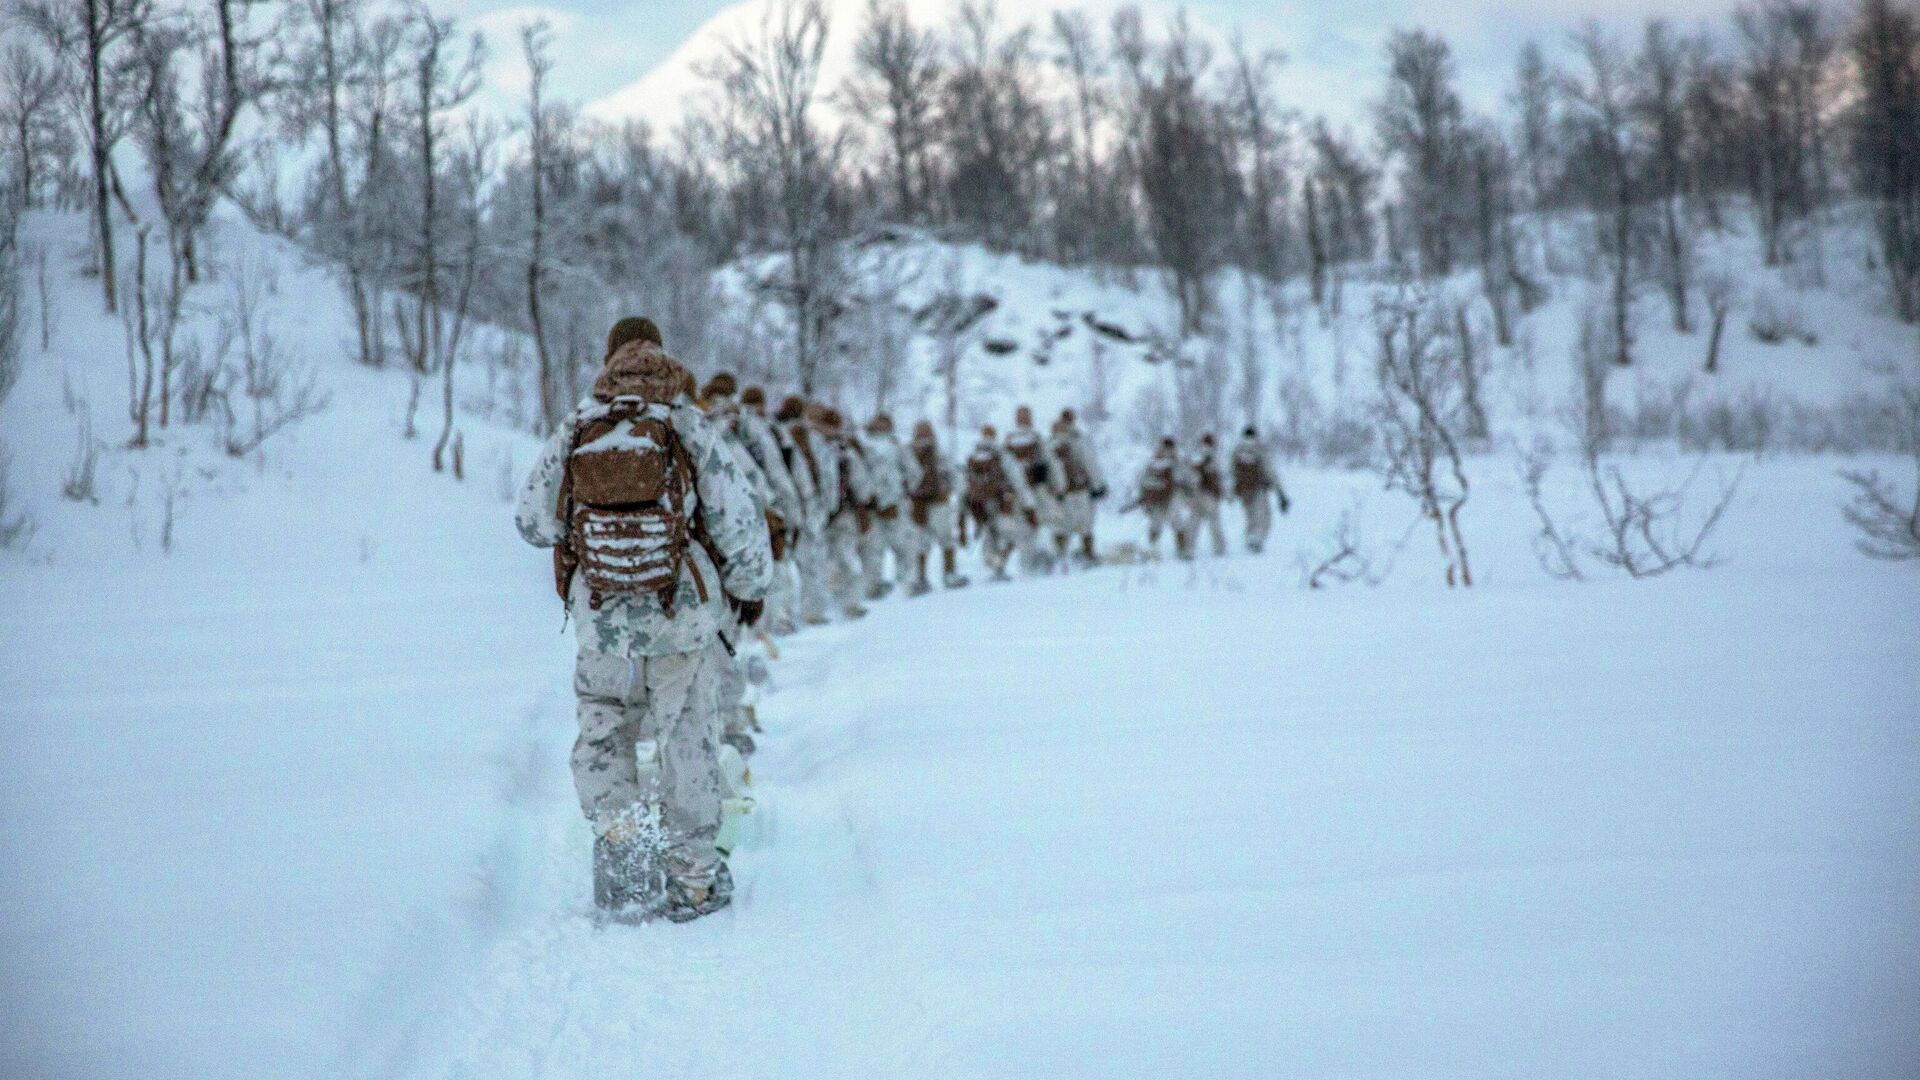 Американские морские пехотинцы во время учений в Норвегии - РИА Новости, 1920, 25.01.2021